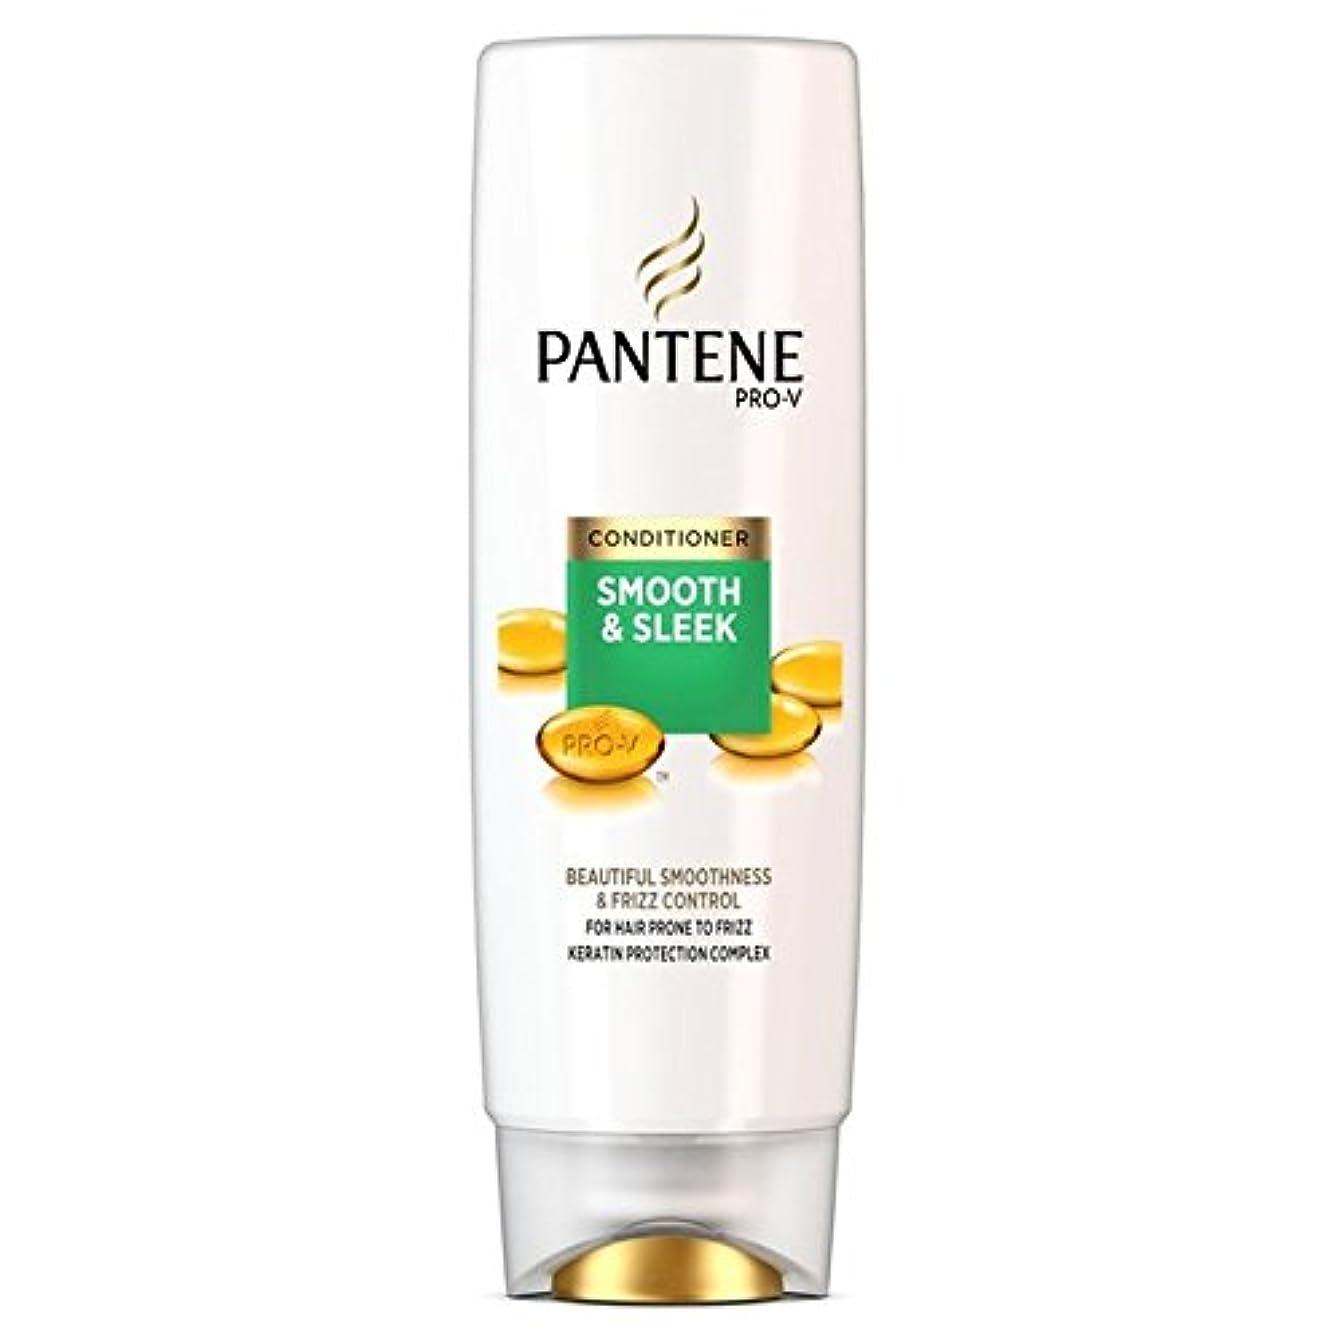 例クリケット科学者Pantene Conditioner Smooth & Sleek For Hair Prone to Frizz 250ml - パンテーンコンディショナースムーズ&縮れ250ミリリットルを受けやすい髪になめらかな...